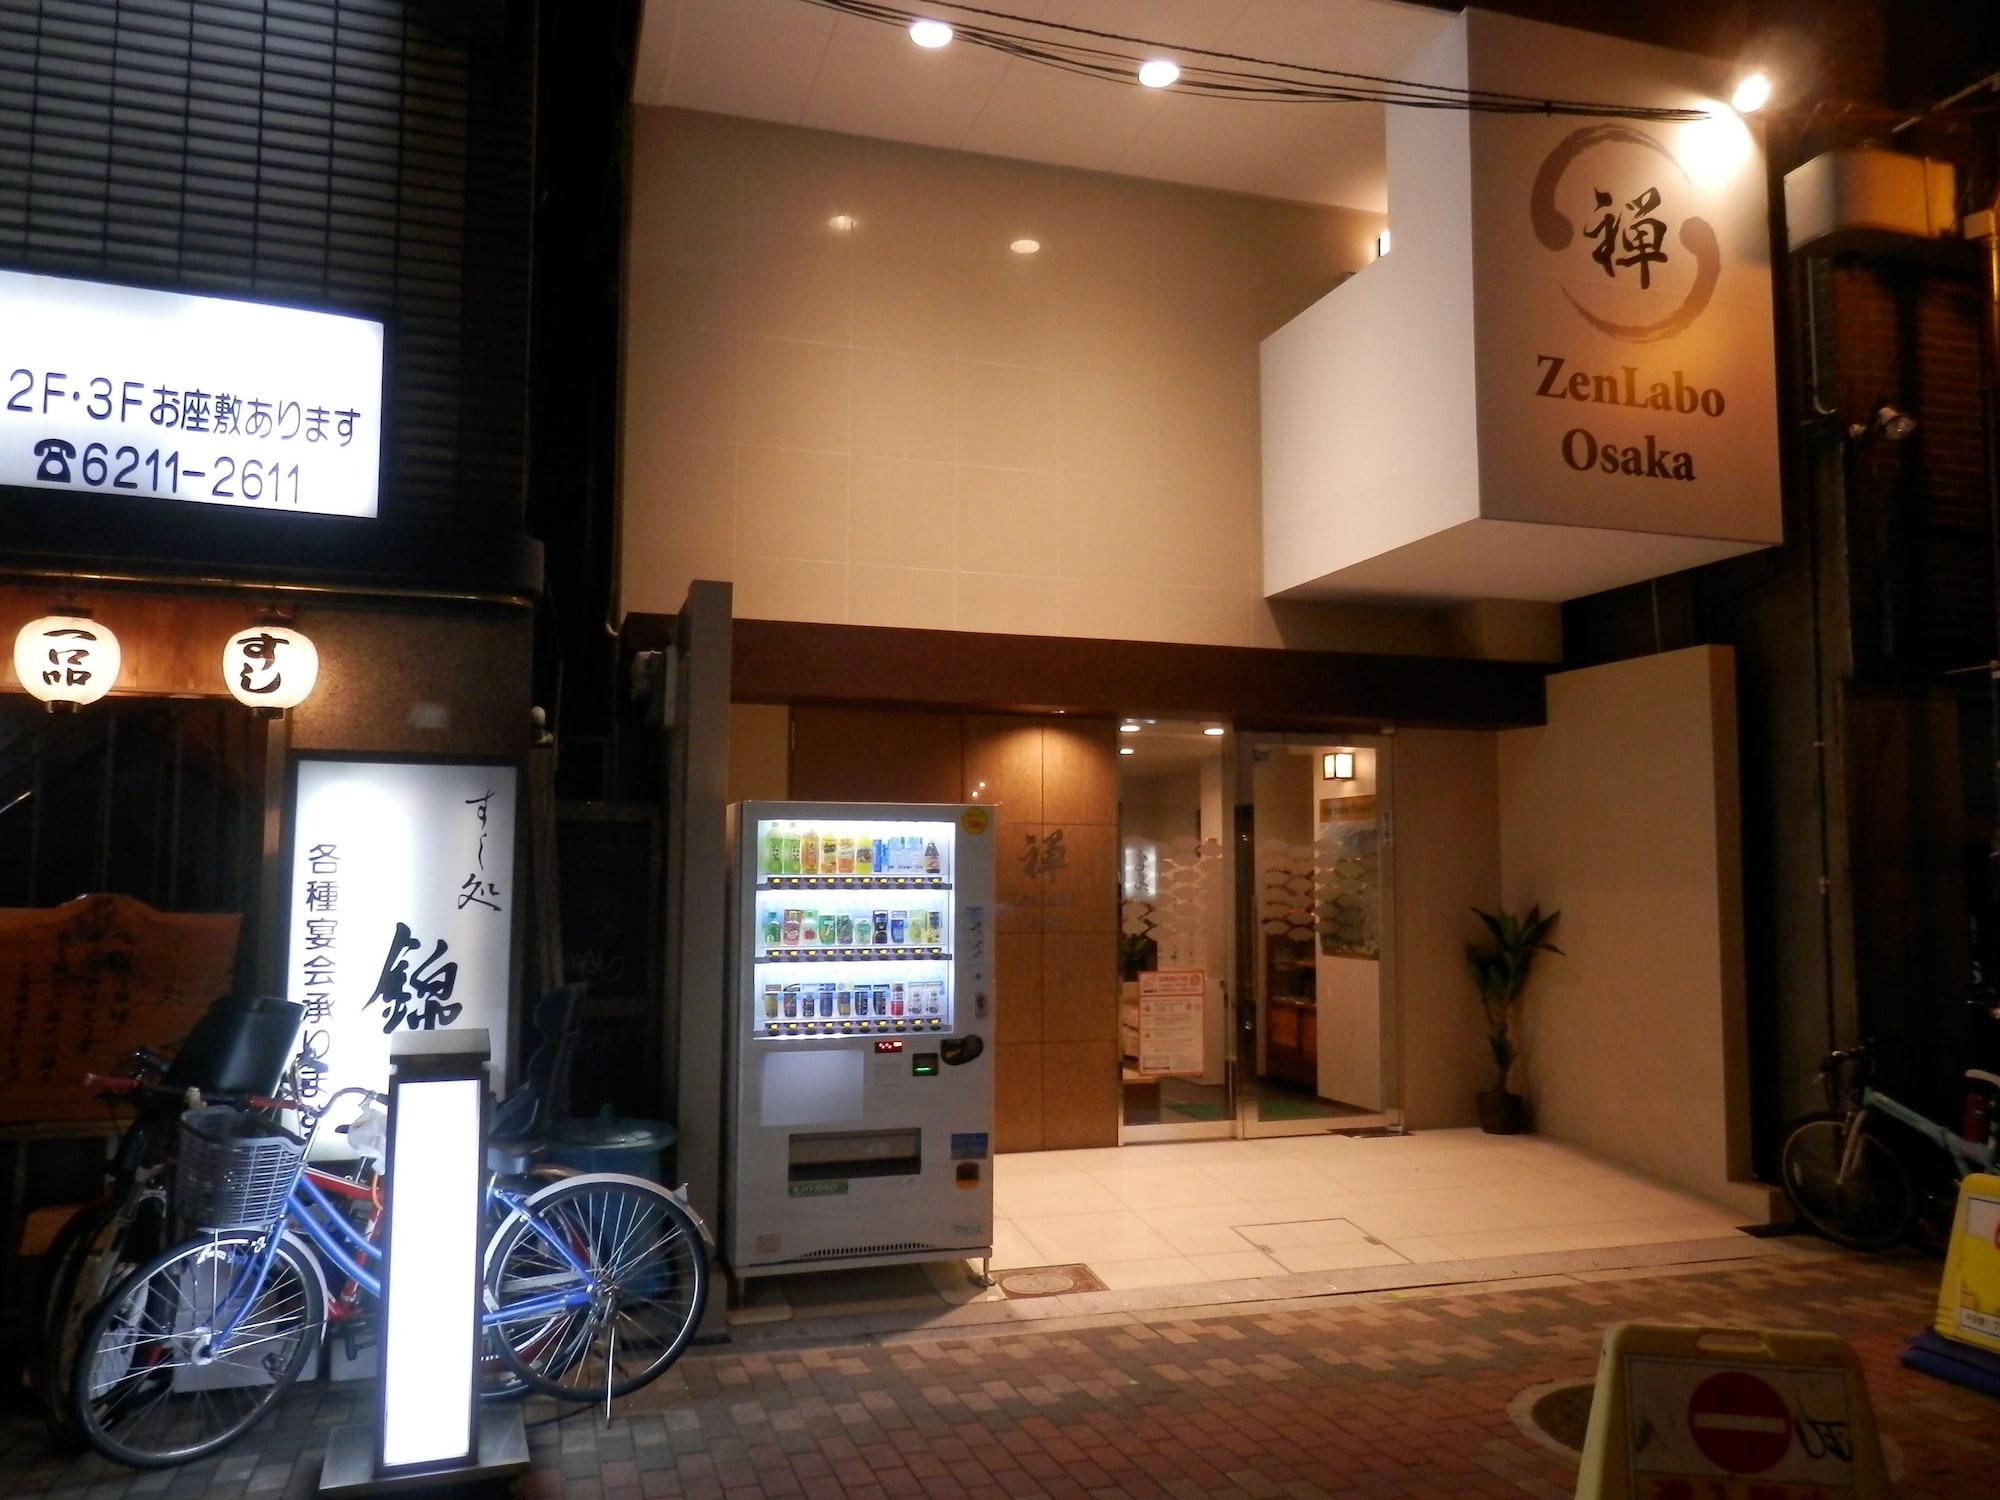 ZenLabo Osaka - Hostel, Osaka